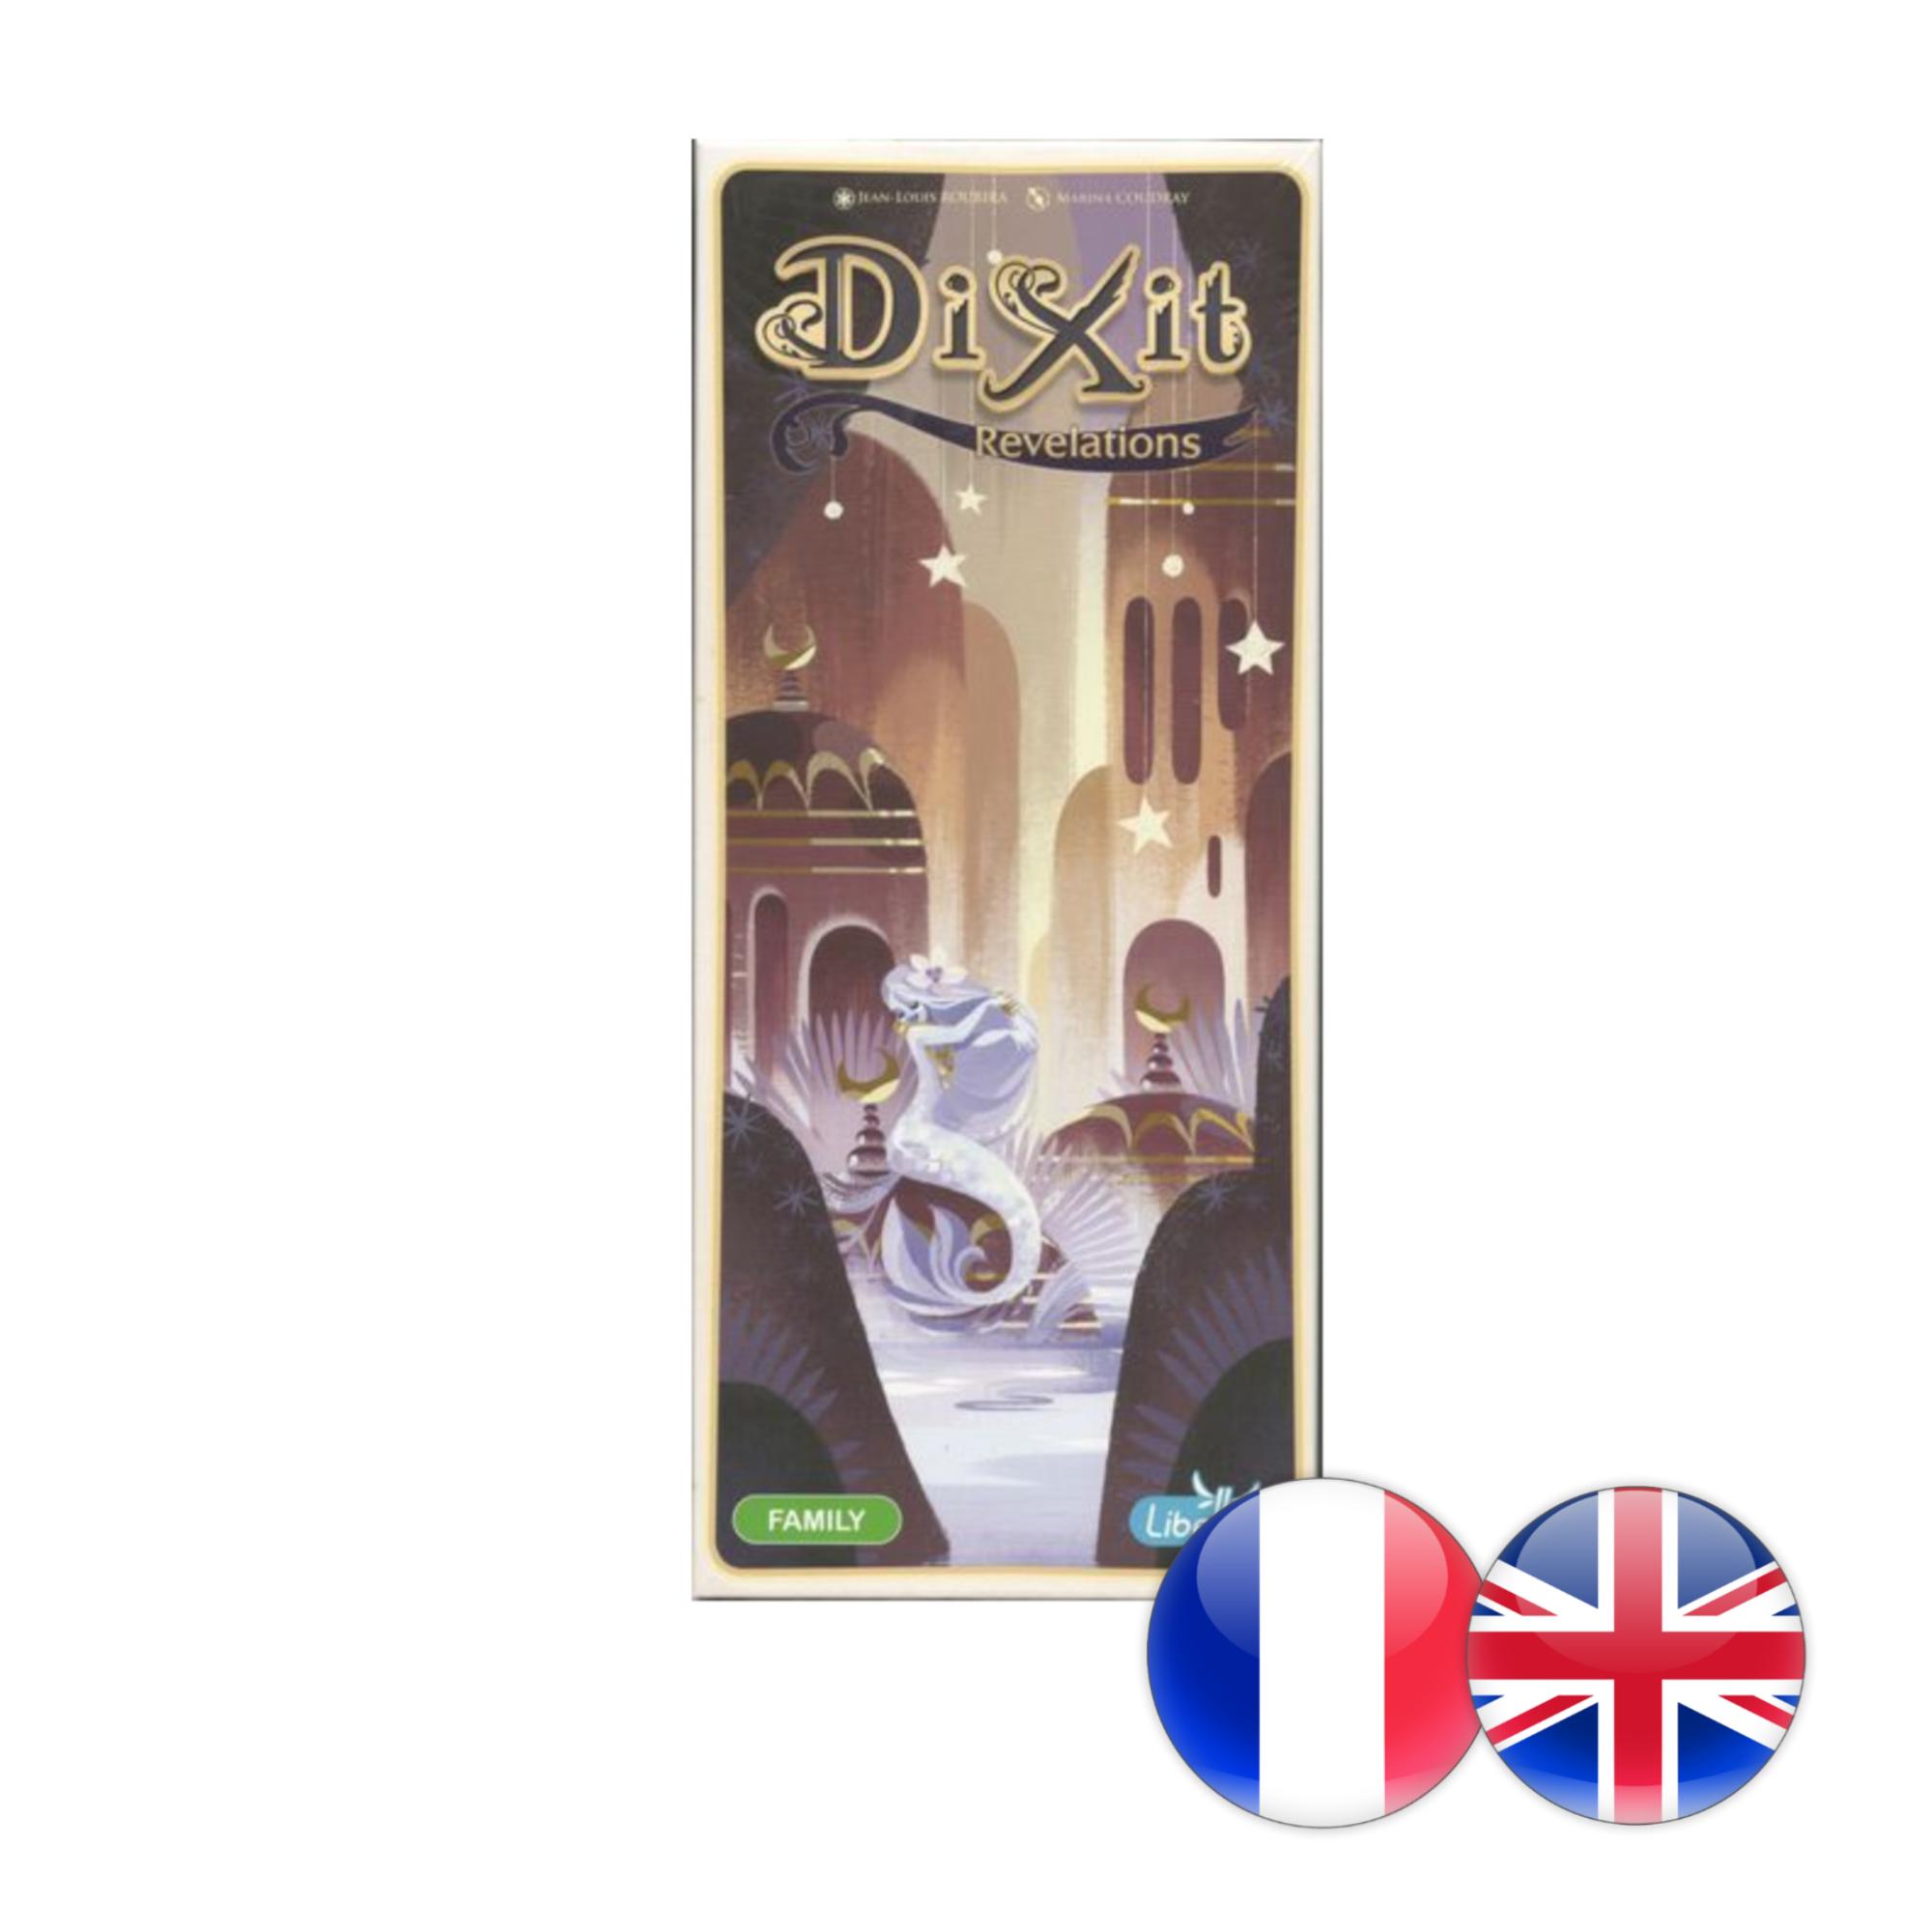 Filosofia Dixit 7 - Ext. Revelations (Multi)